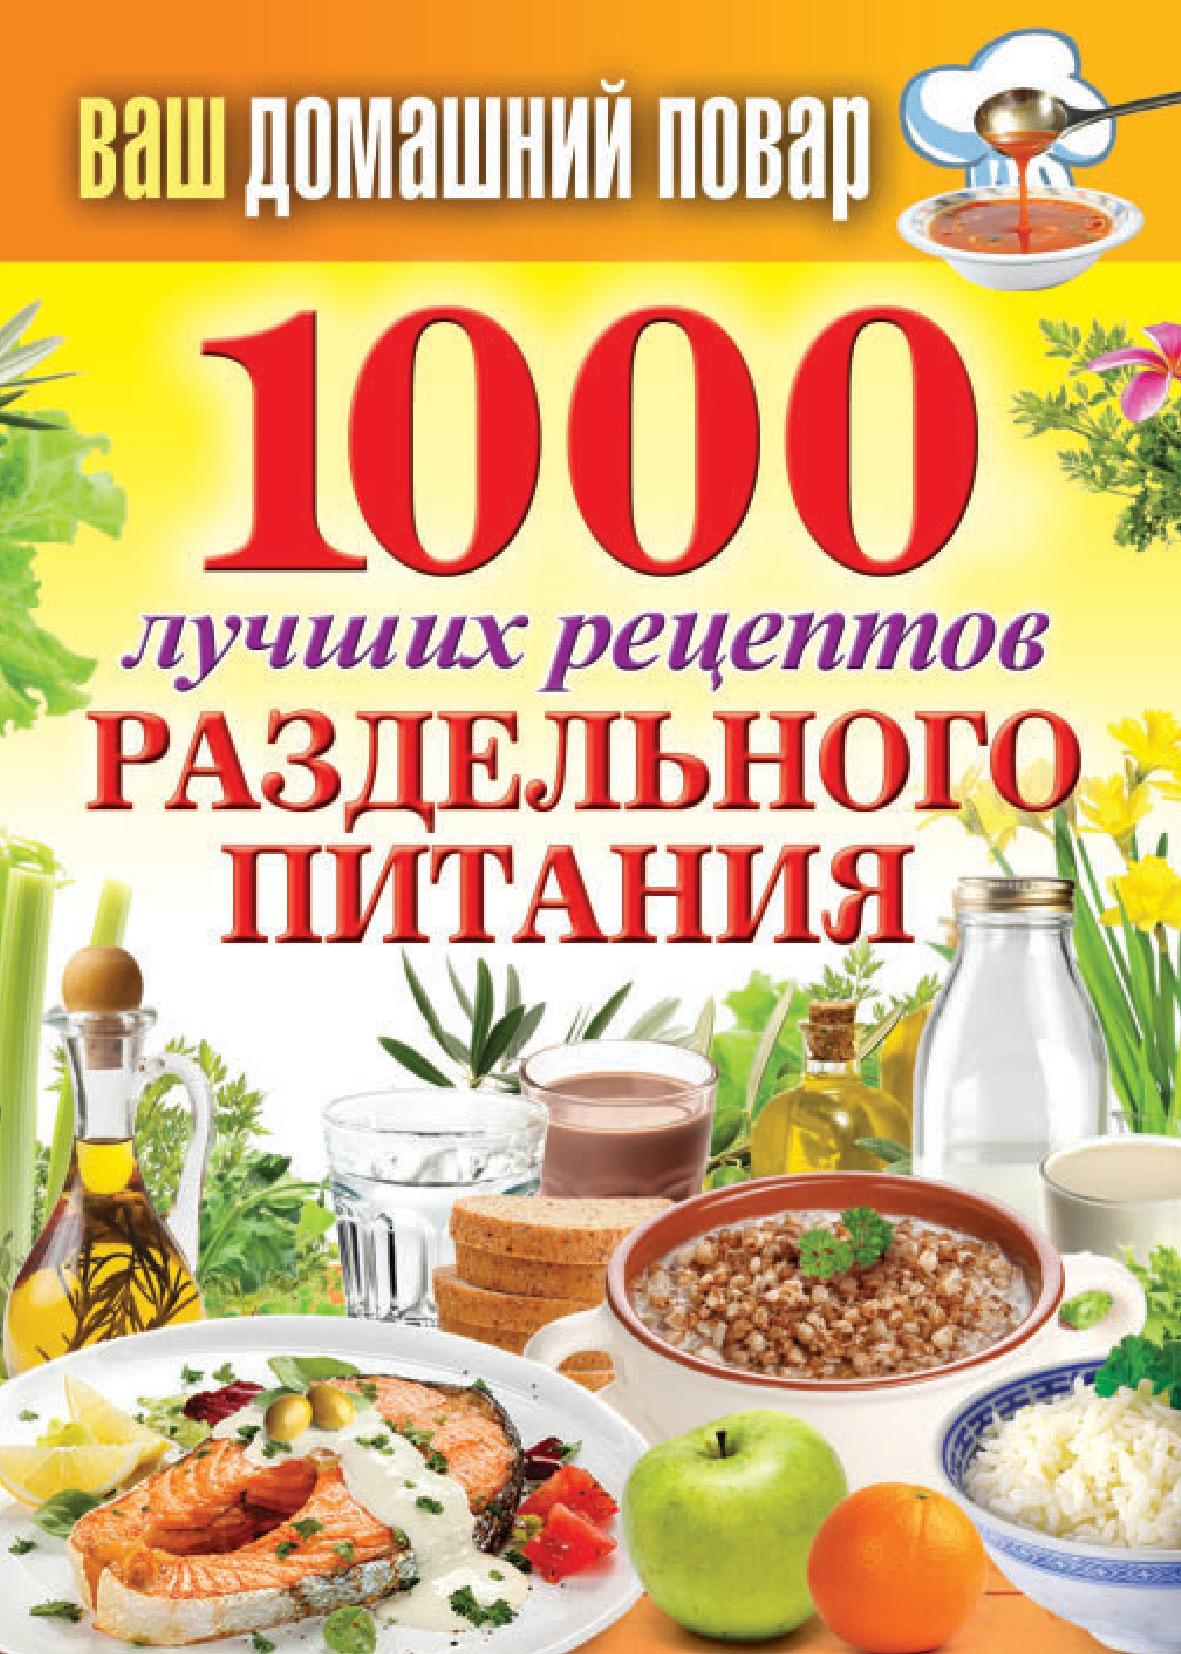 Отсутствует 1000 лучших рецептов раздельного питания отсутствует коптильня 1000 чудо рецептов